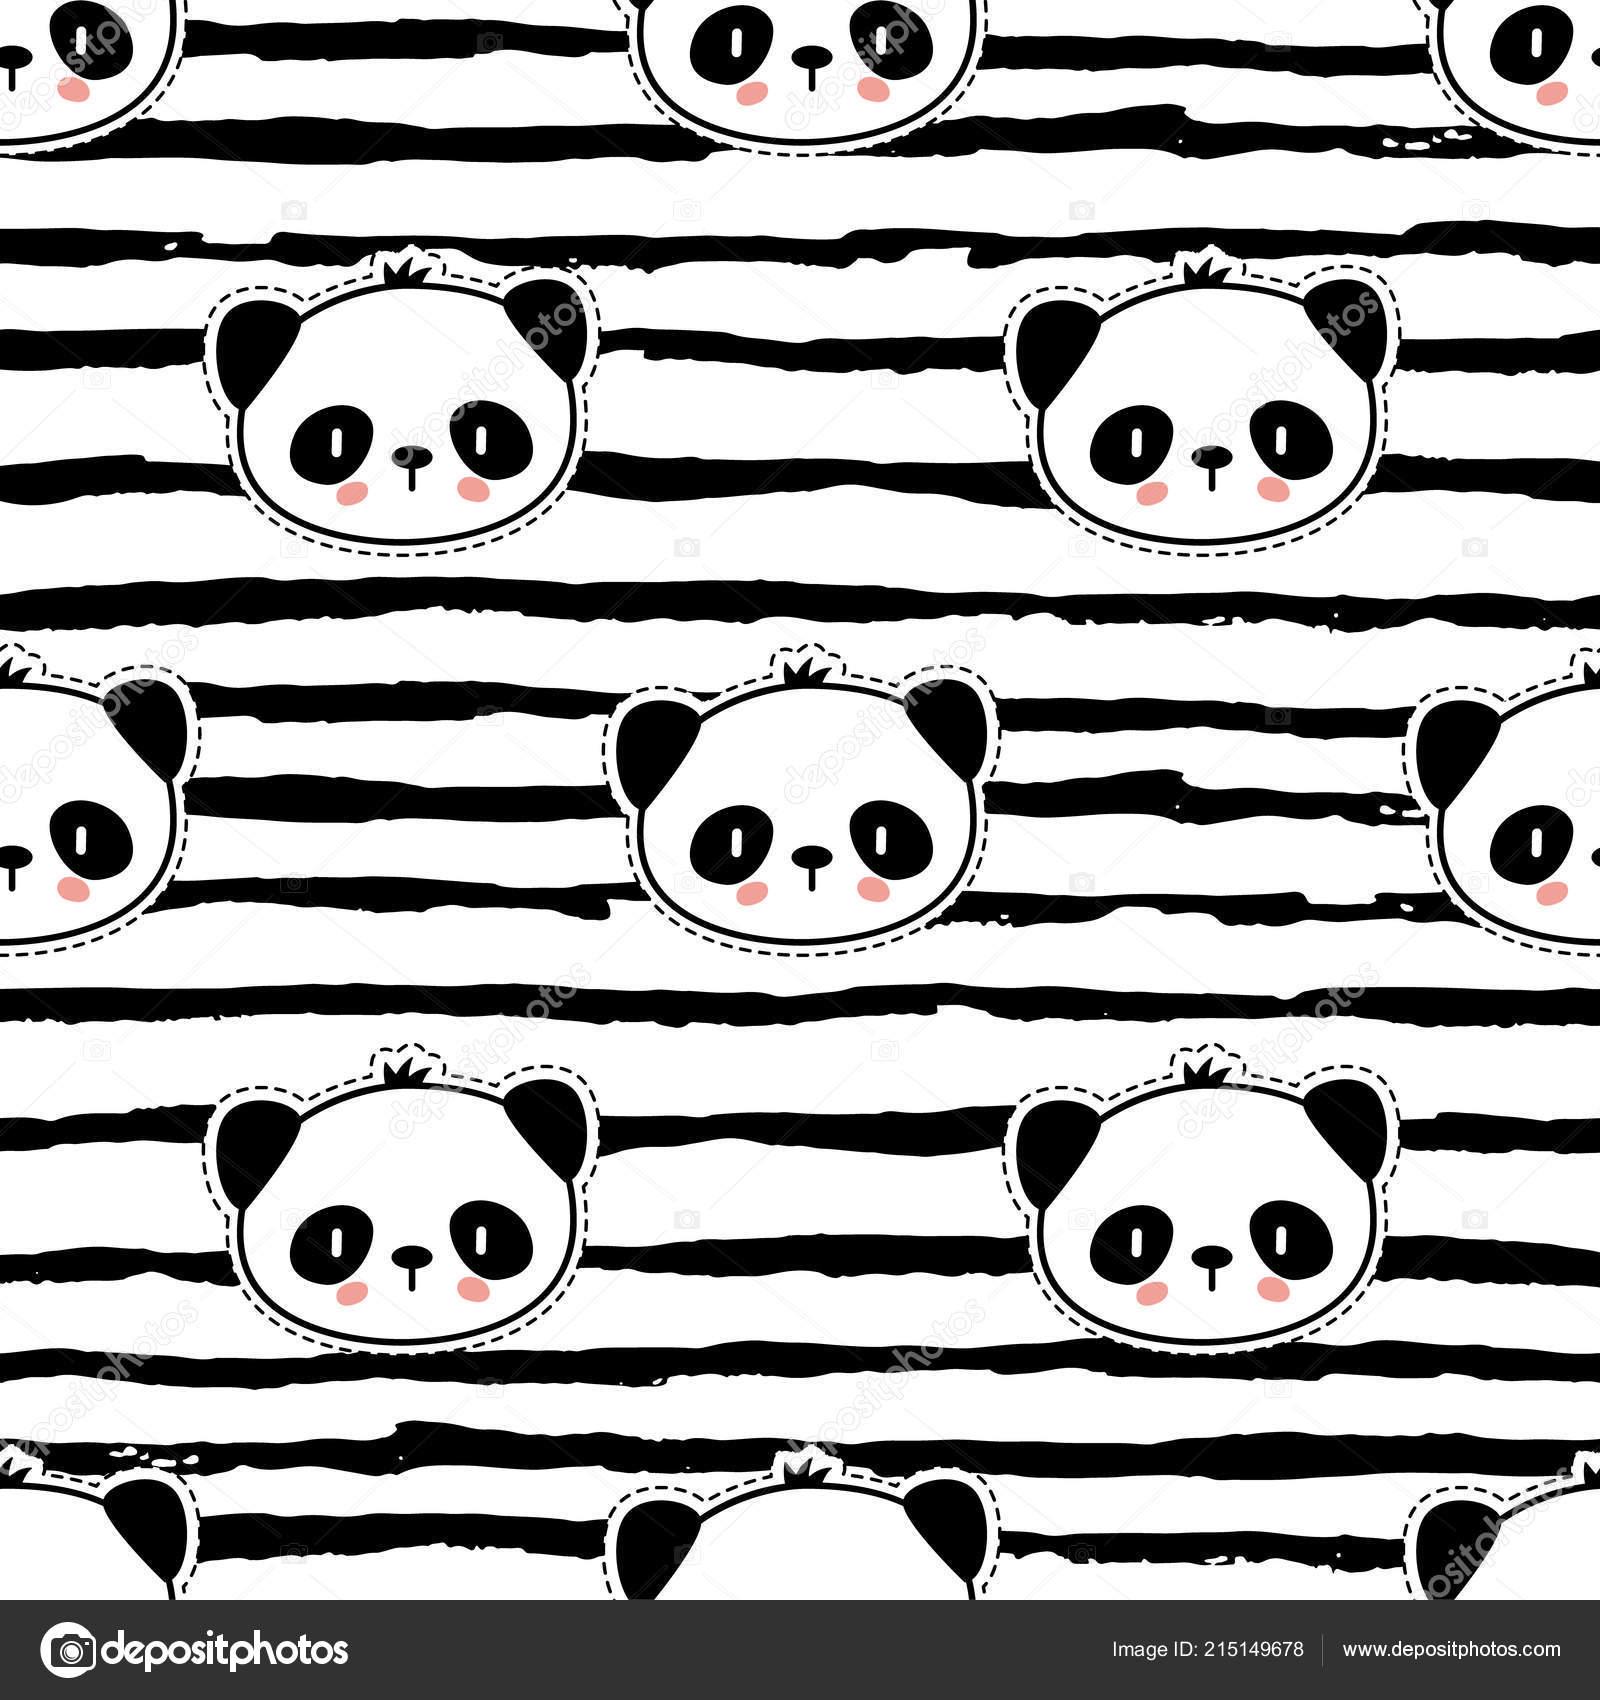 patrón de oso panda inconsútil — Vetores de Stock © Teploleta #215149678